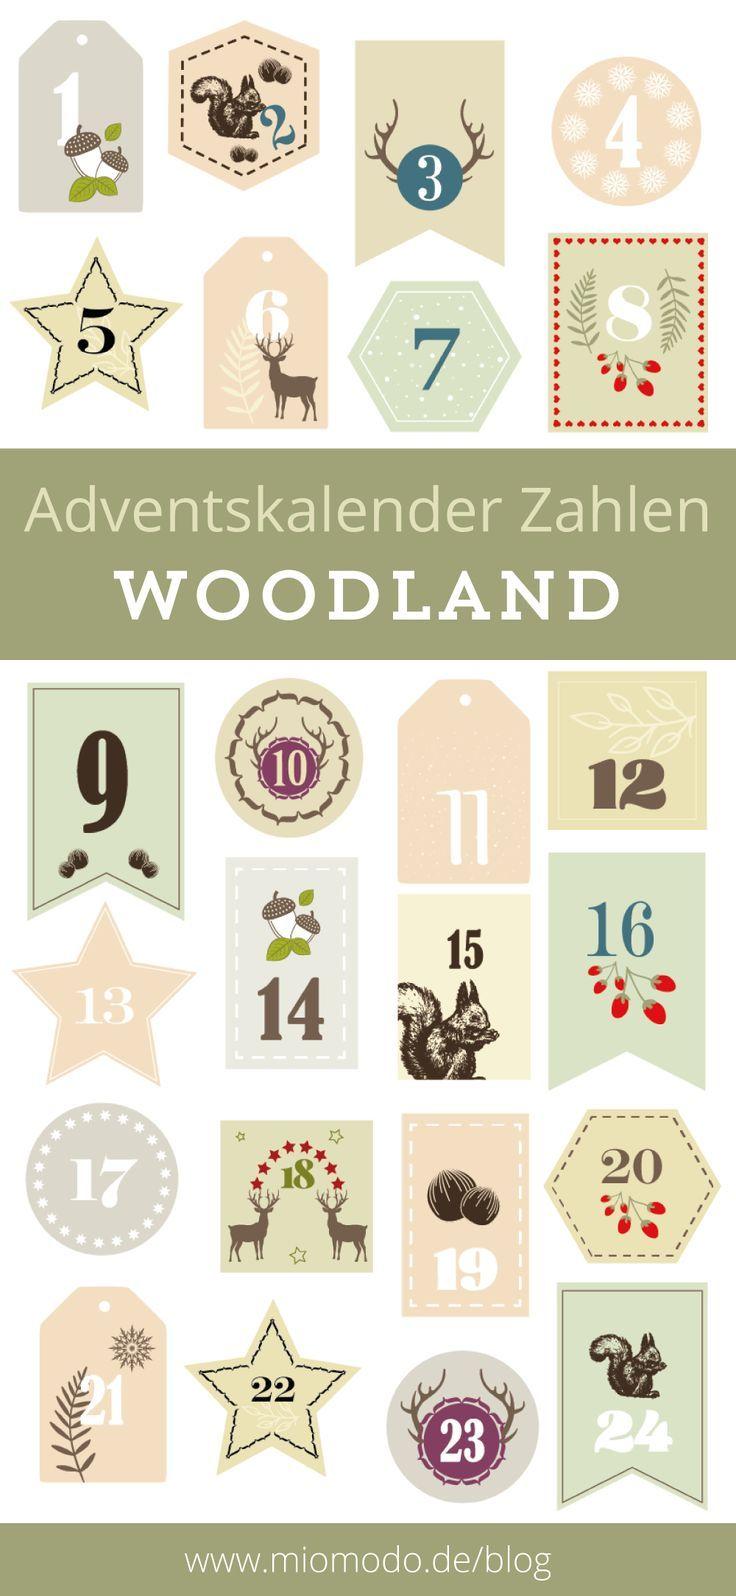 DIY Adventskalender Zahlen Woodland